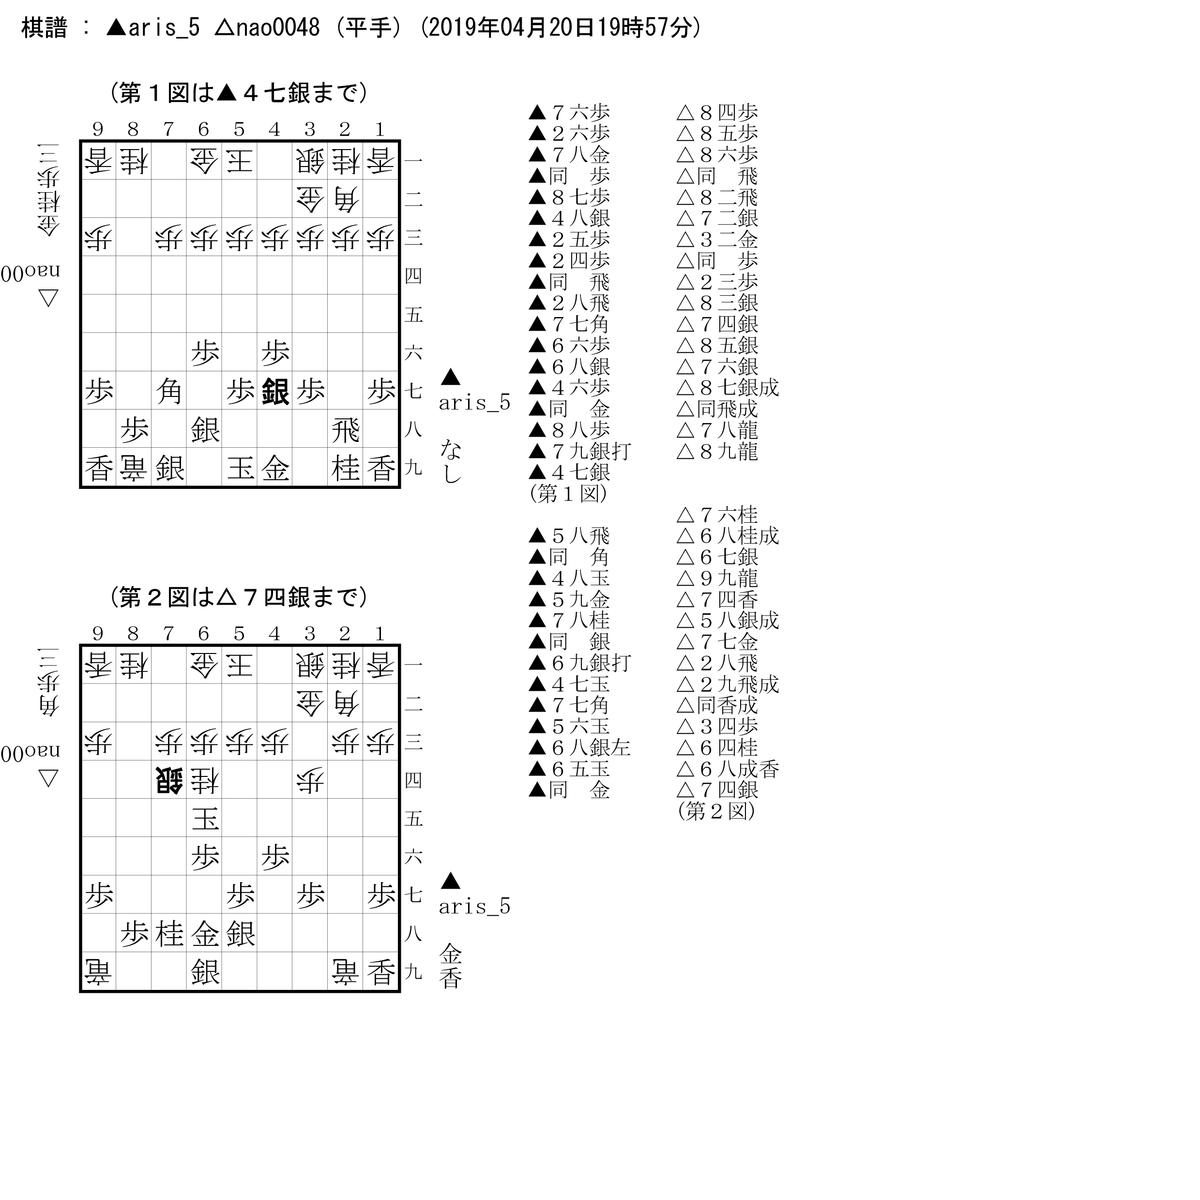 f:id:nao0048:20190420195825p:plain